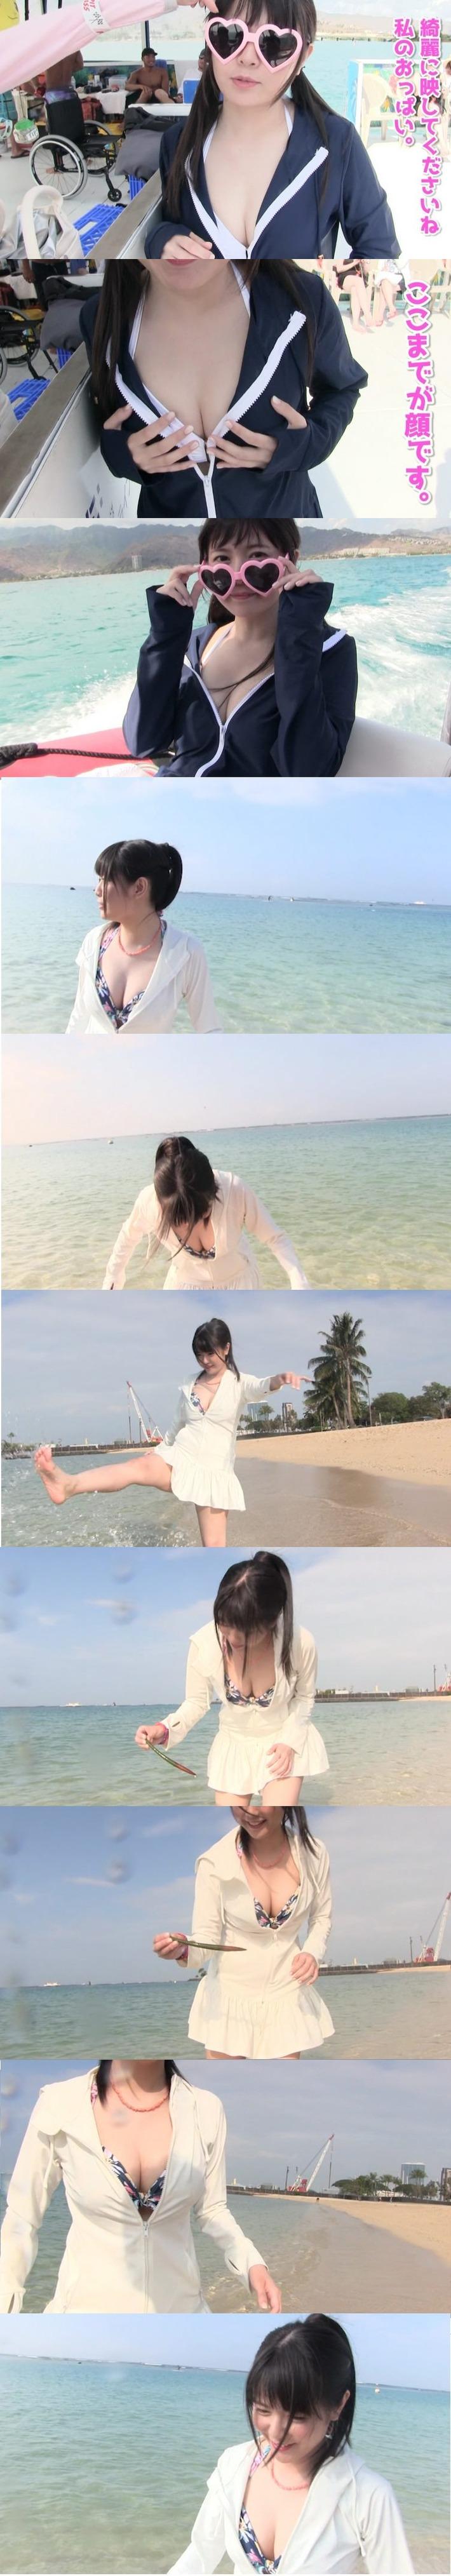 【画像】性優の竹達彩奈さん、乳を見せつけて子種汁を搾り取りに来るwww